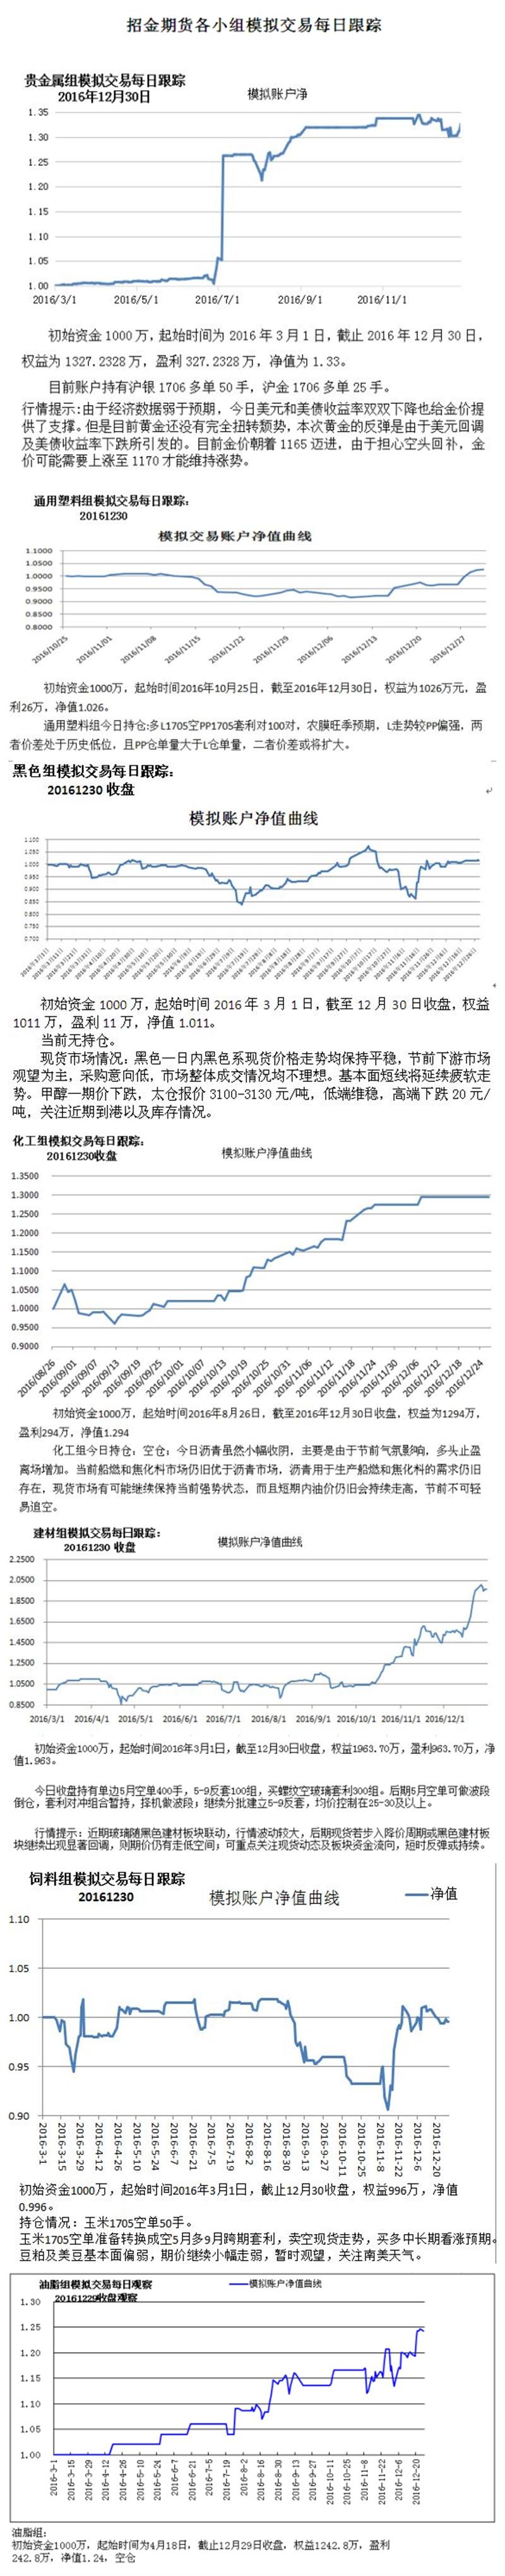 招金期货研究员模拟交易策略汇总(2016.12.30)